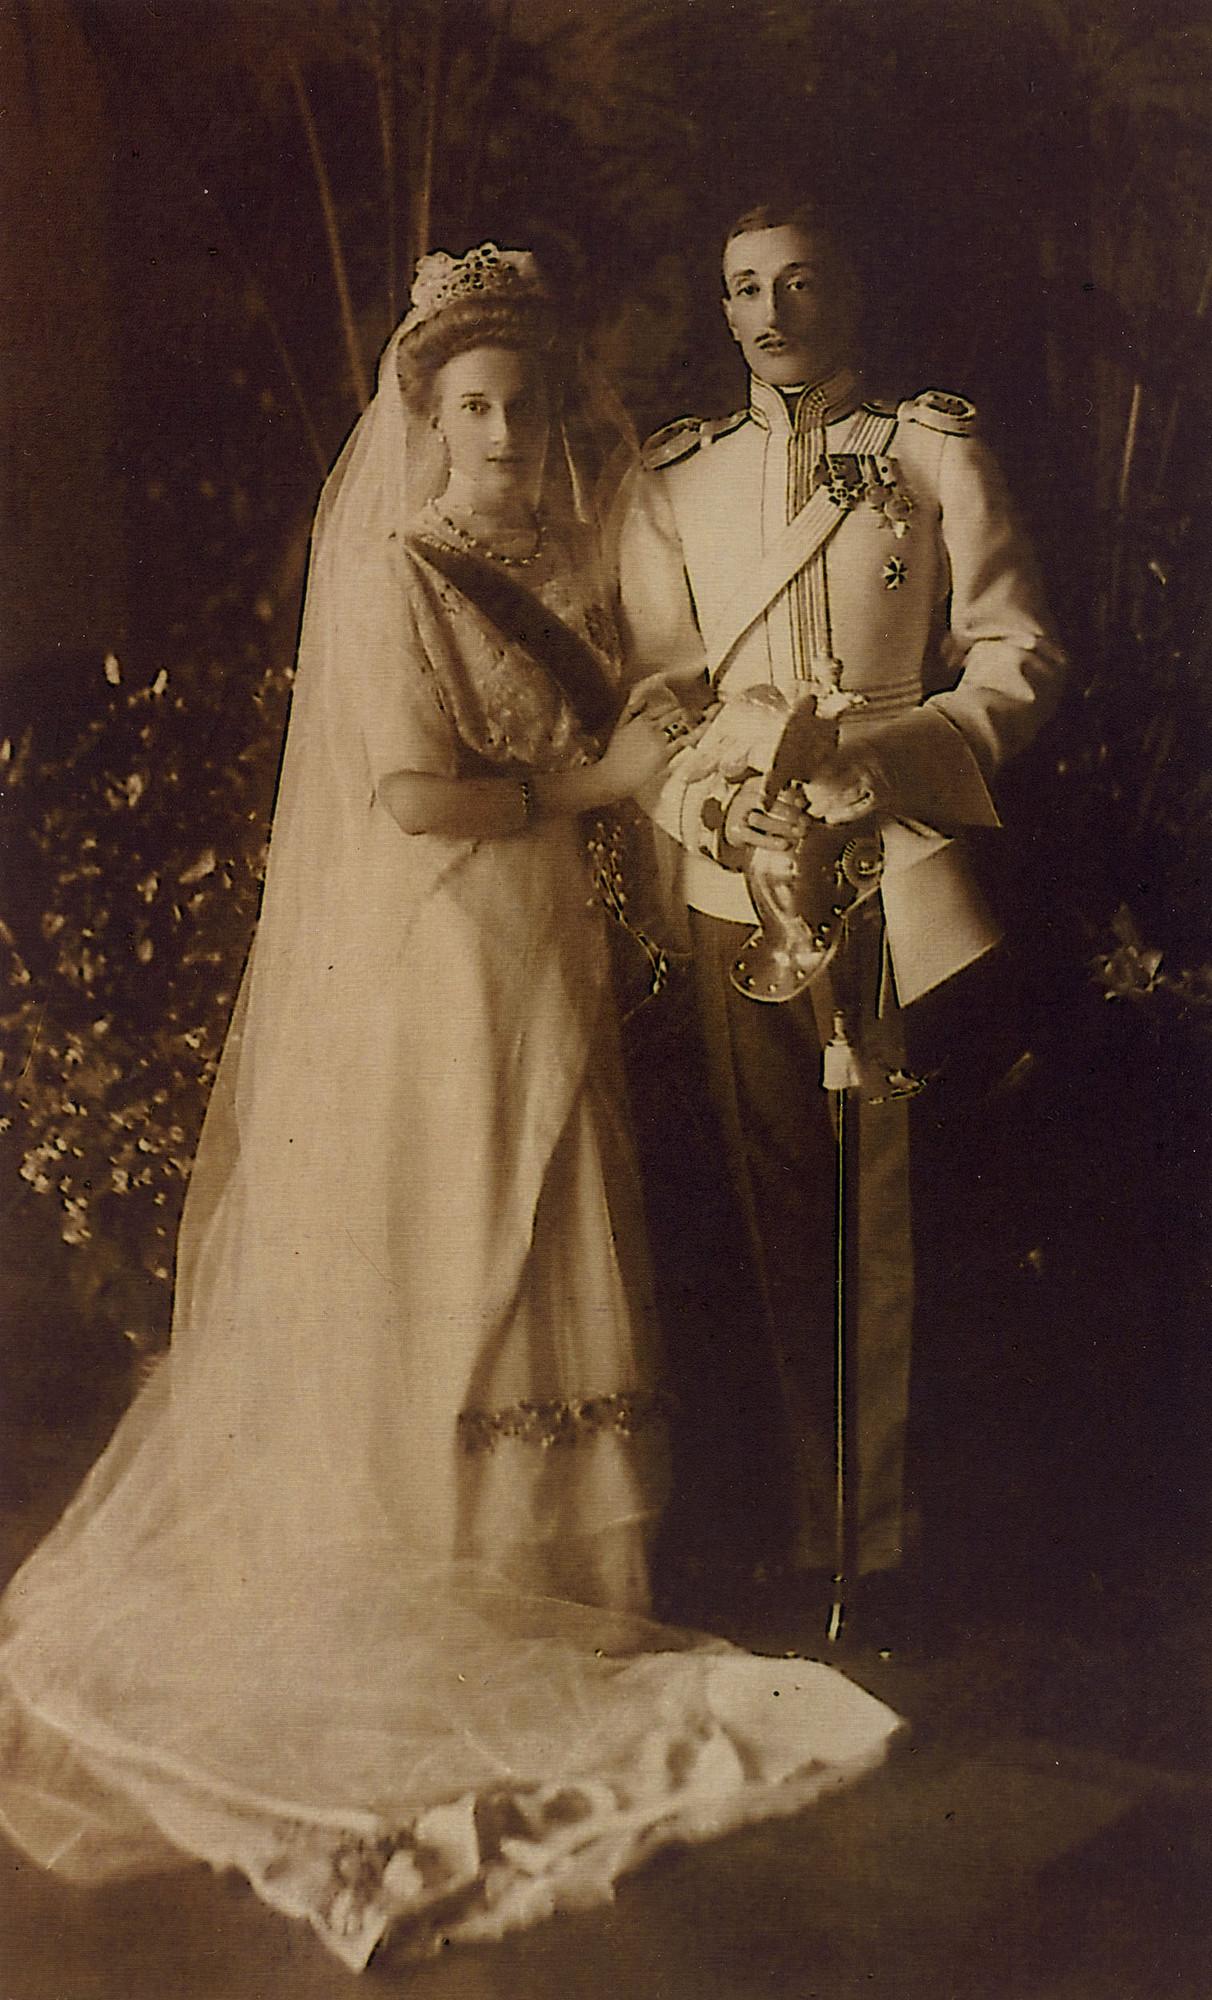 Свадебное фото княгини Татьяны Константиновны и грузинского принца Константина Багратиона.